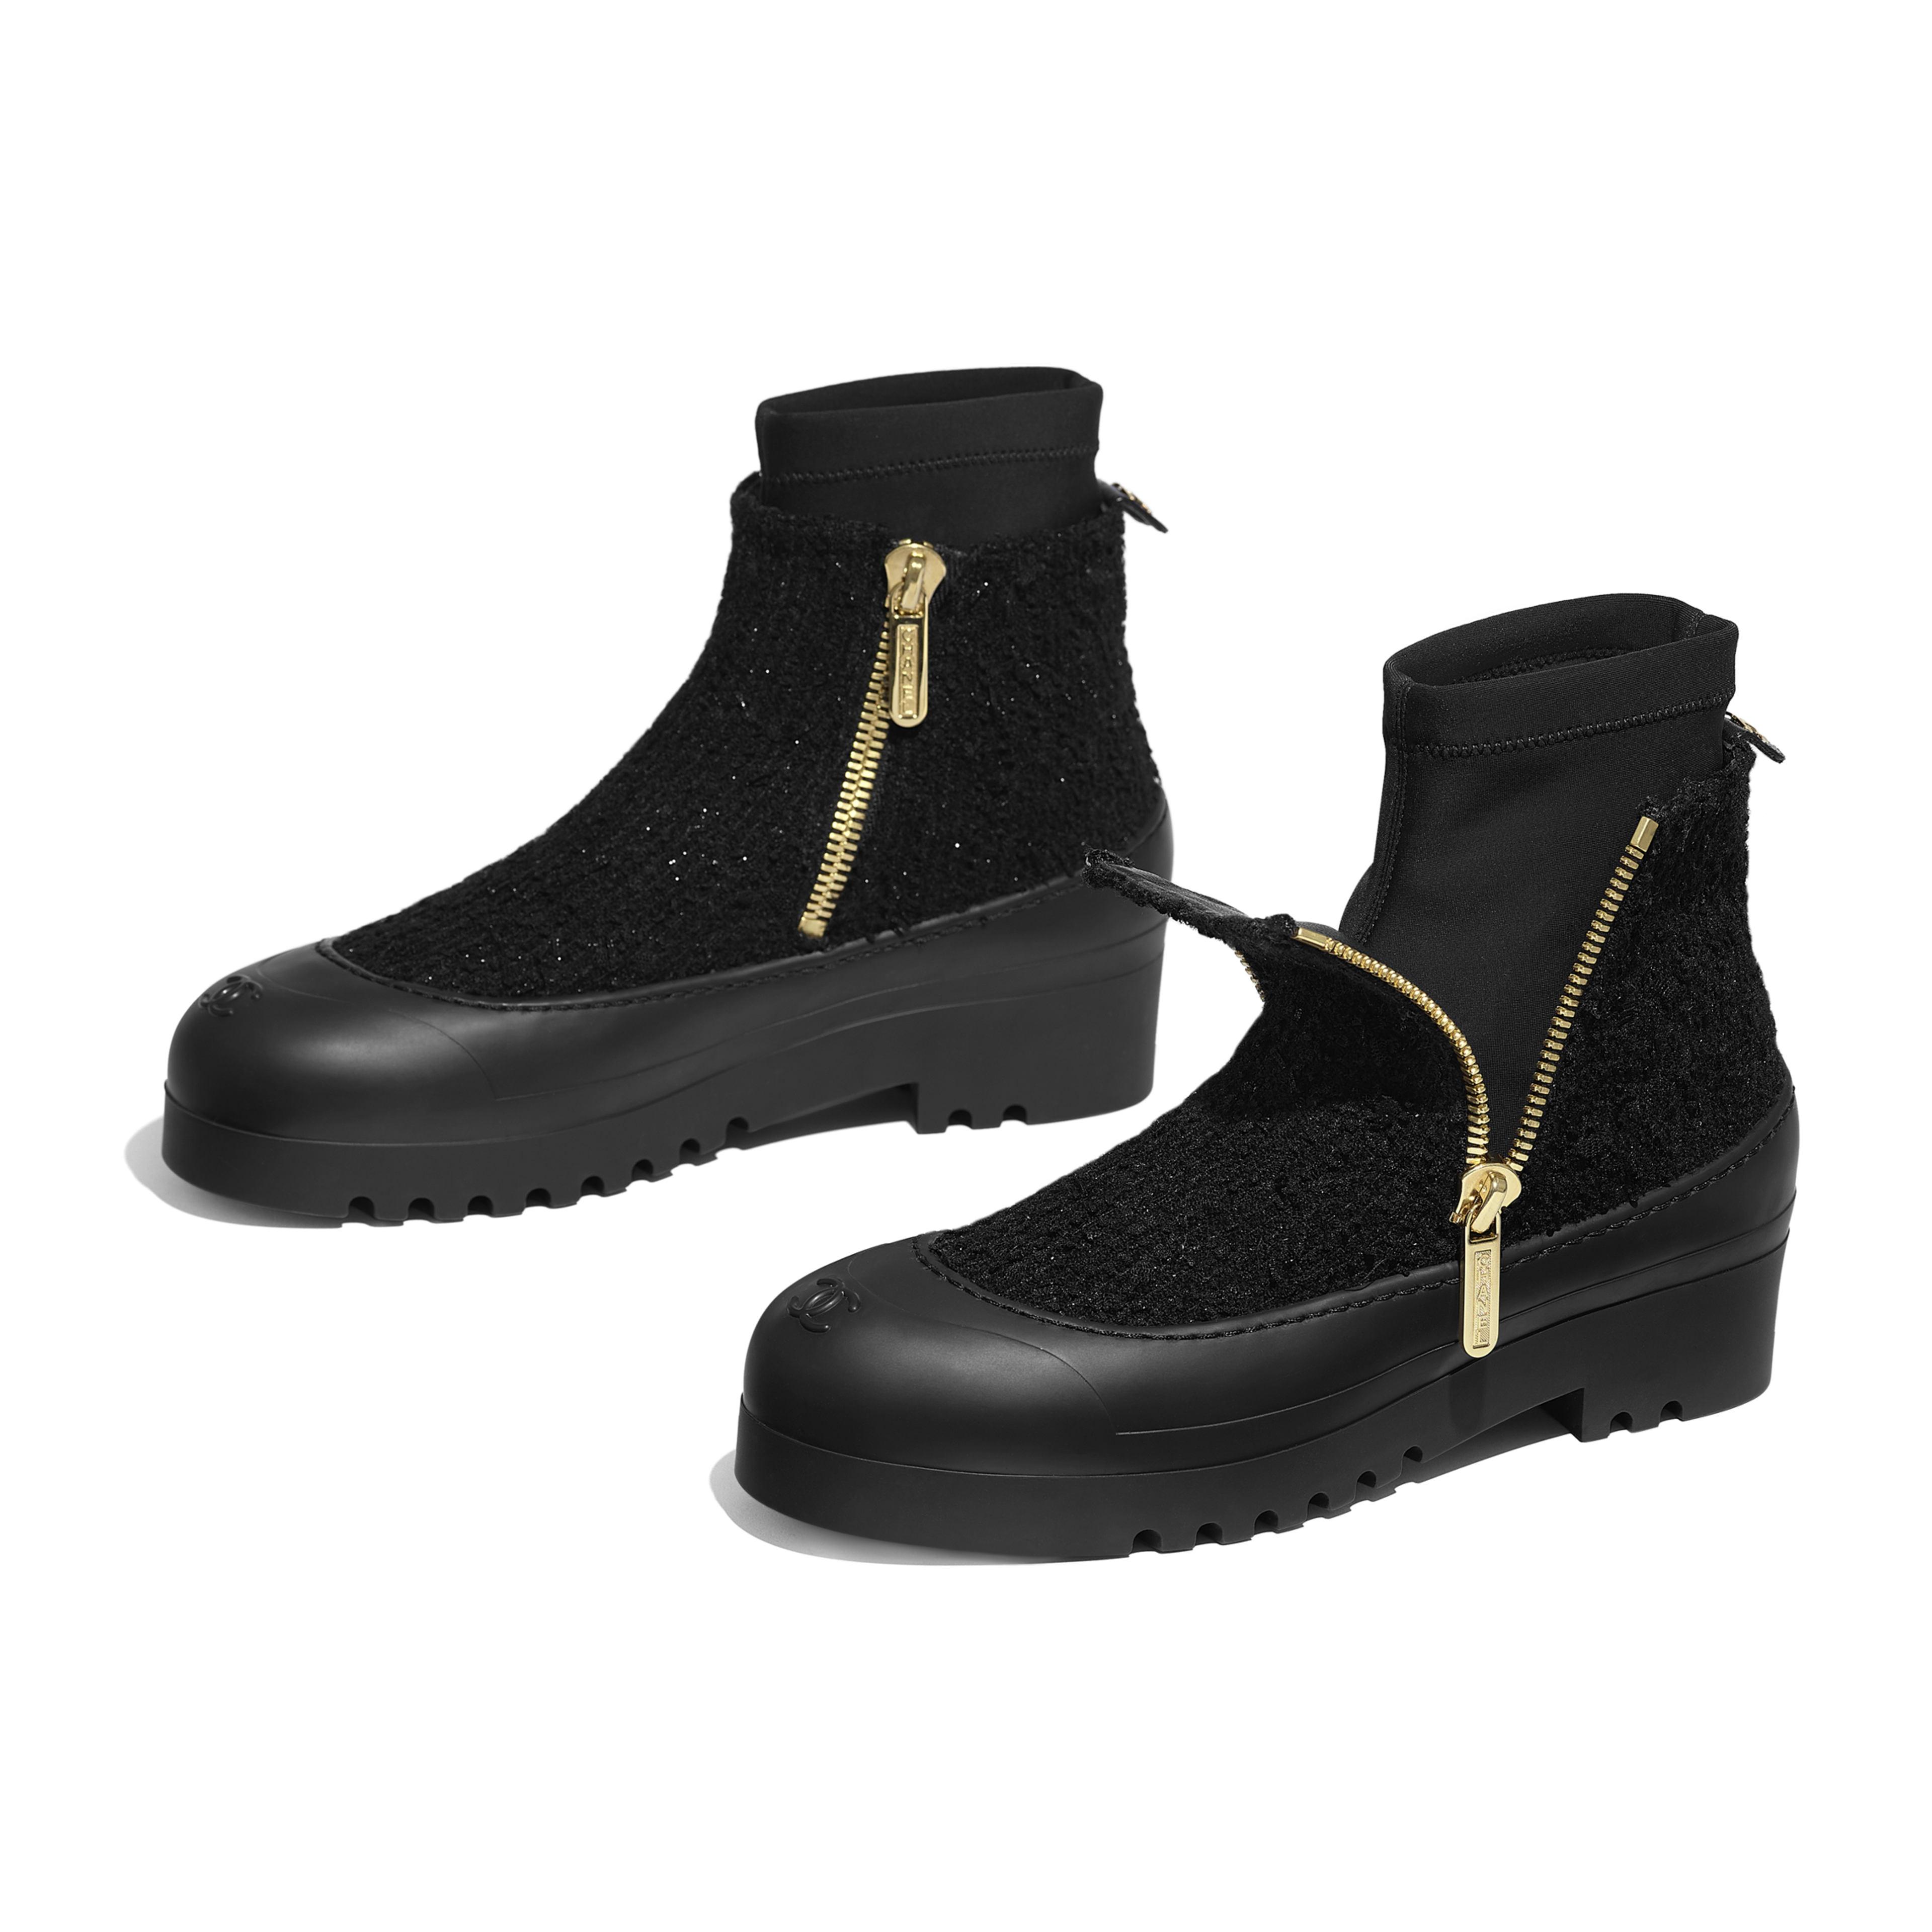 รองเท้าบู้ทสั้น - สีดำ - ผ้าทวีต - มุมมองพิเศษ - ดูเวอร์ชันขนาดเต็ม